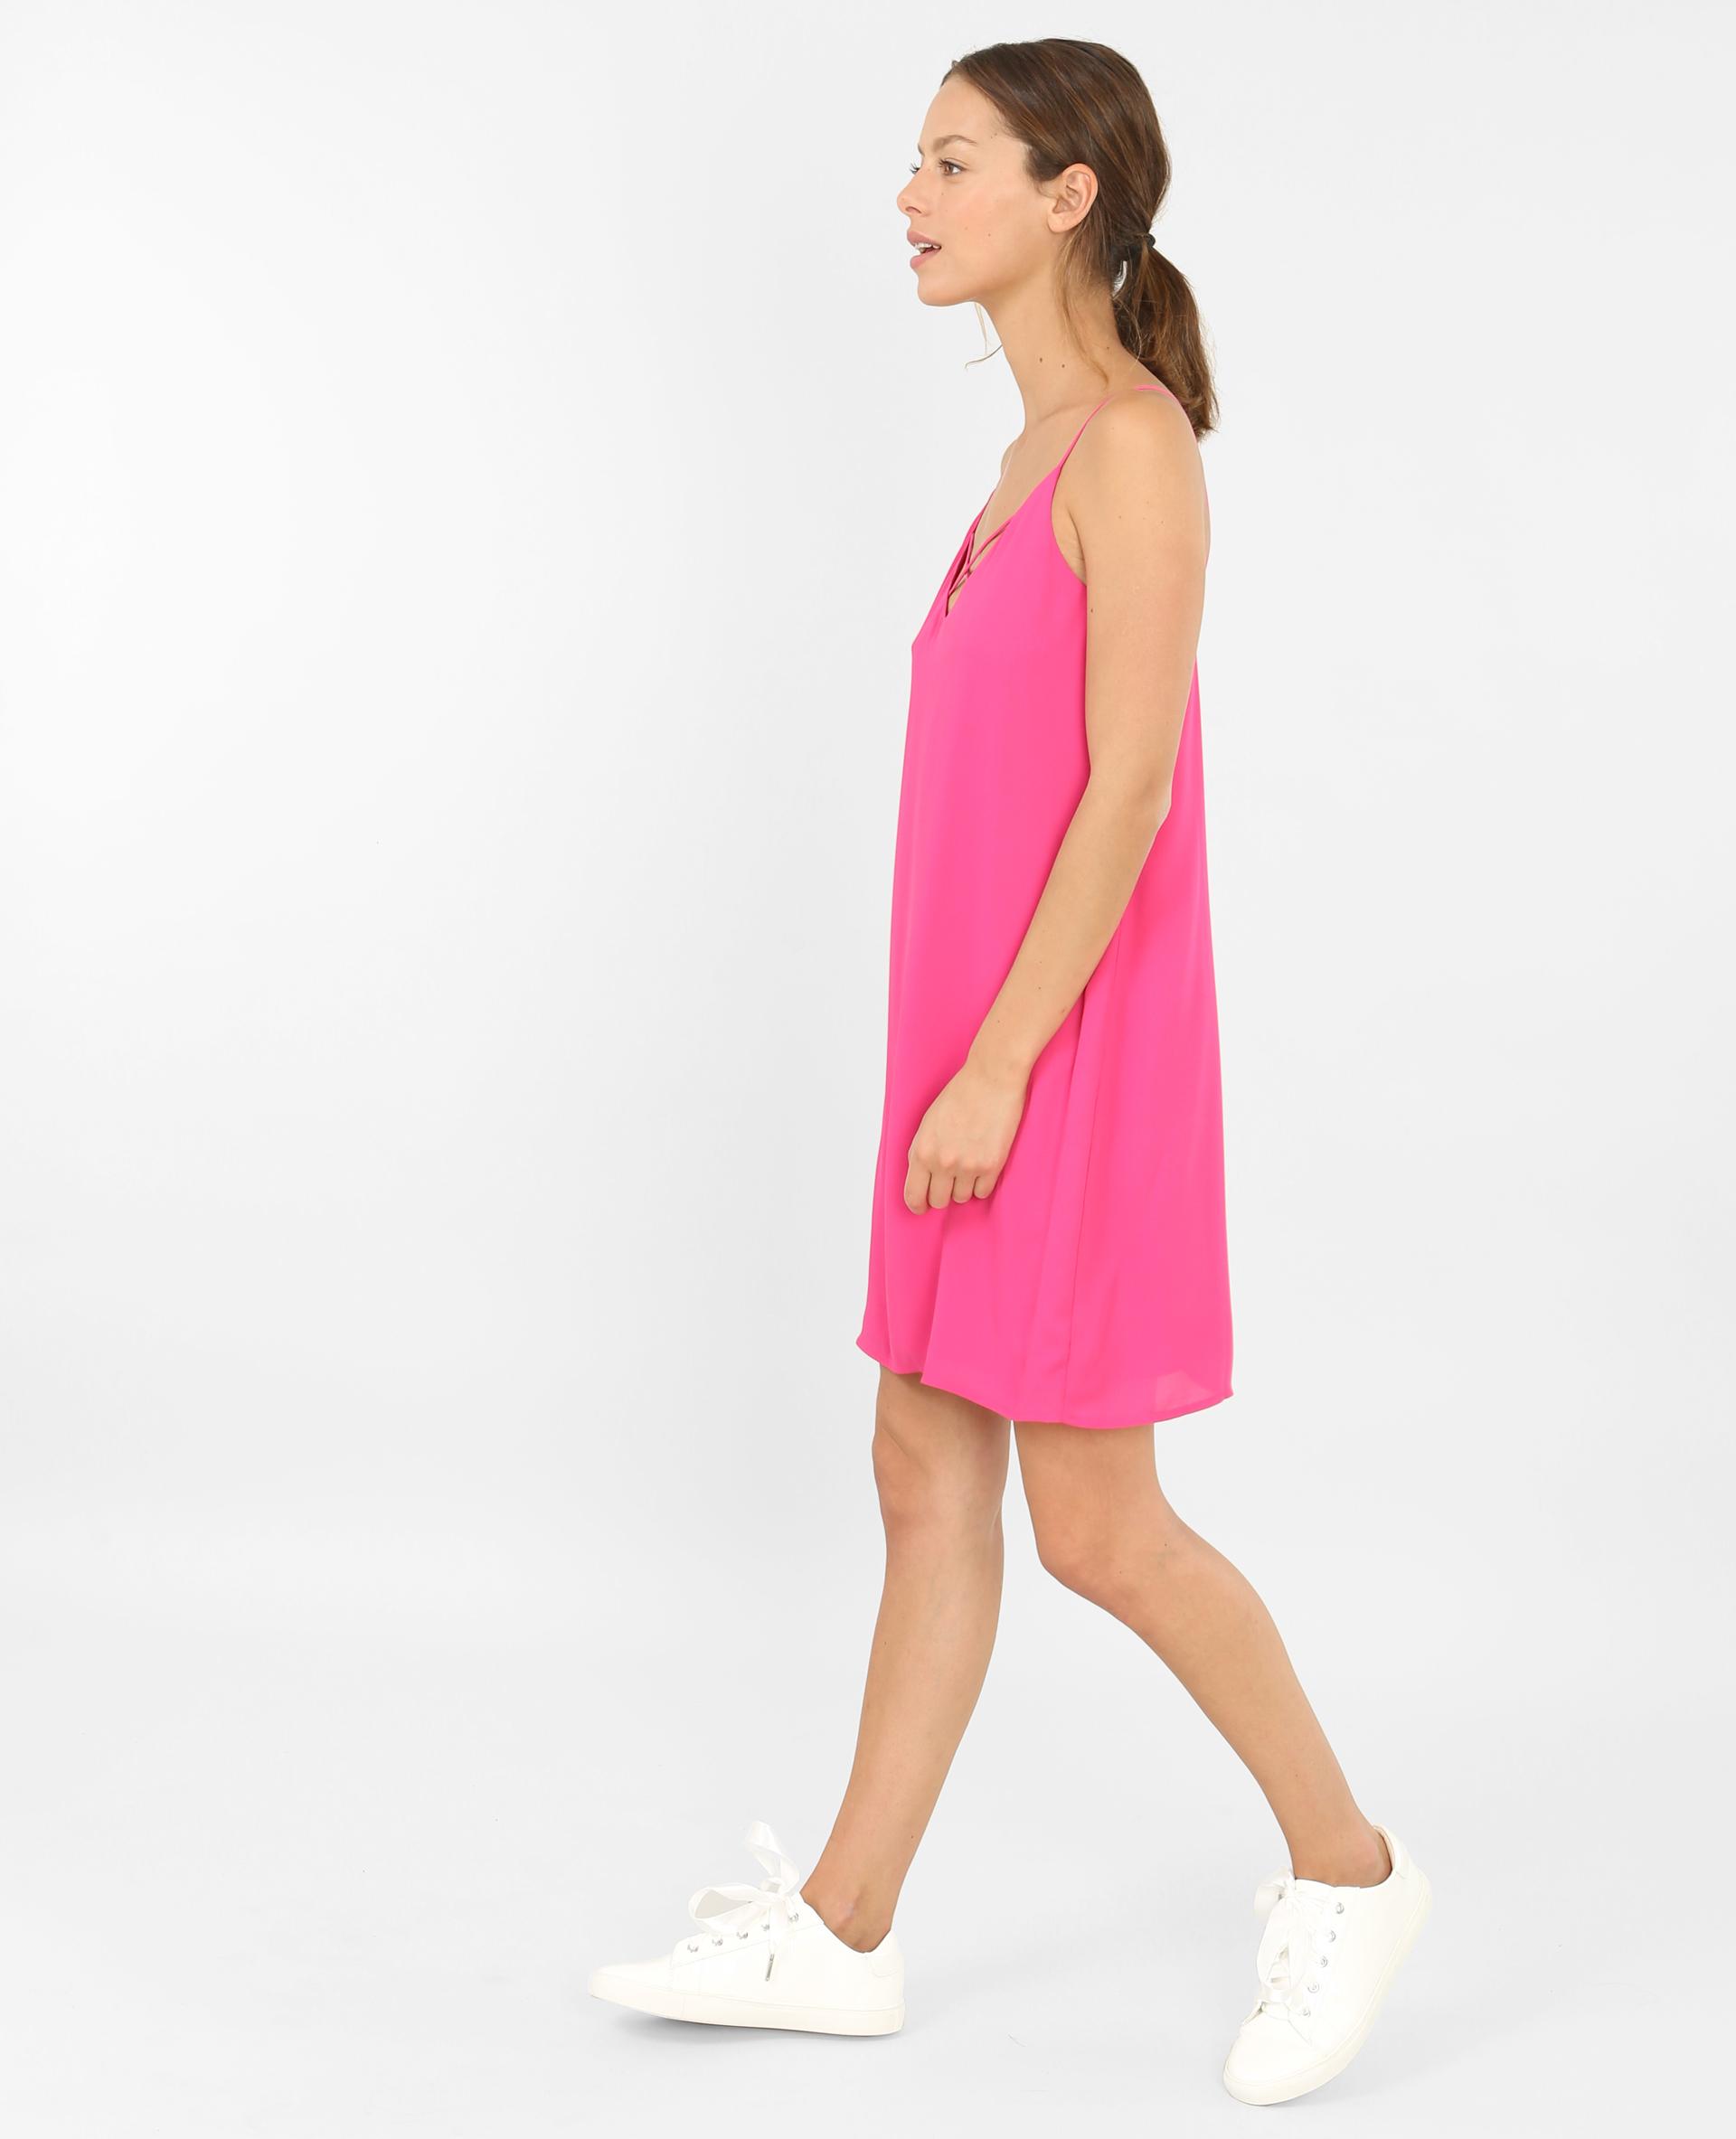 69ec77e426 Robe croisée rose fushia - 780690I21A02 | Pimkie